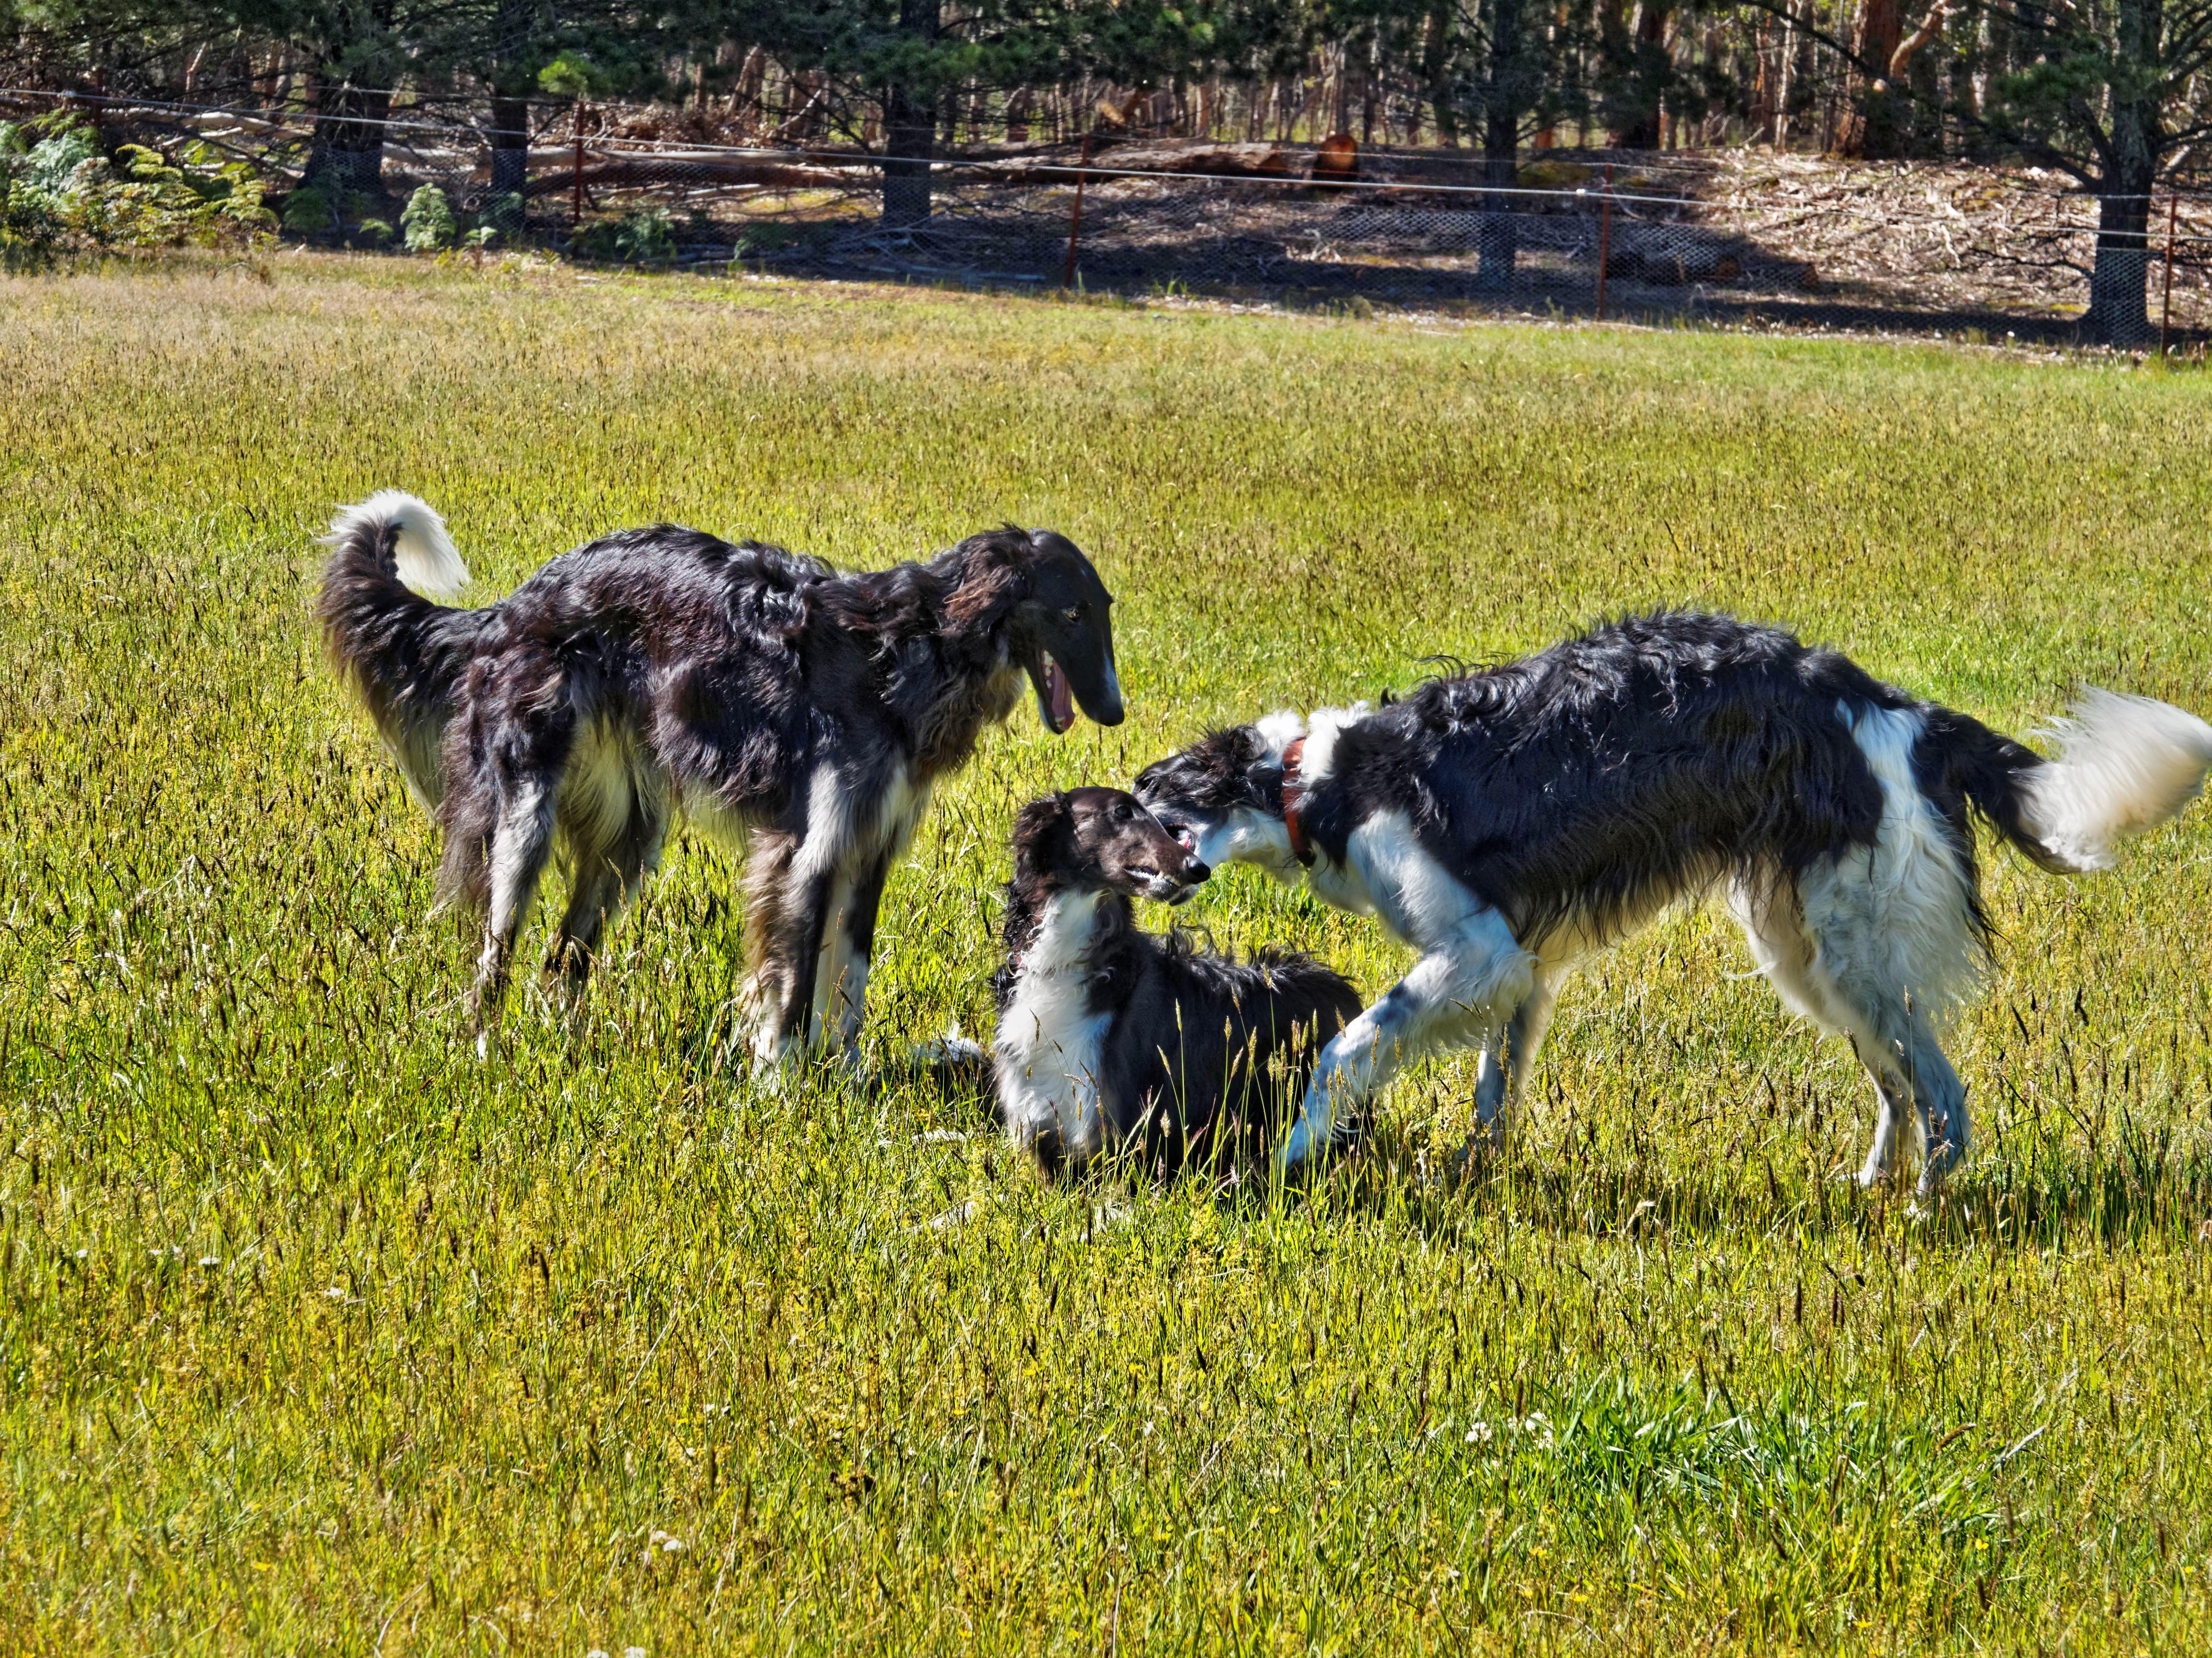 Dogs-6.jpeg